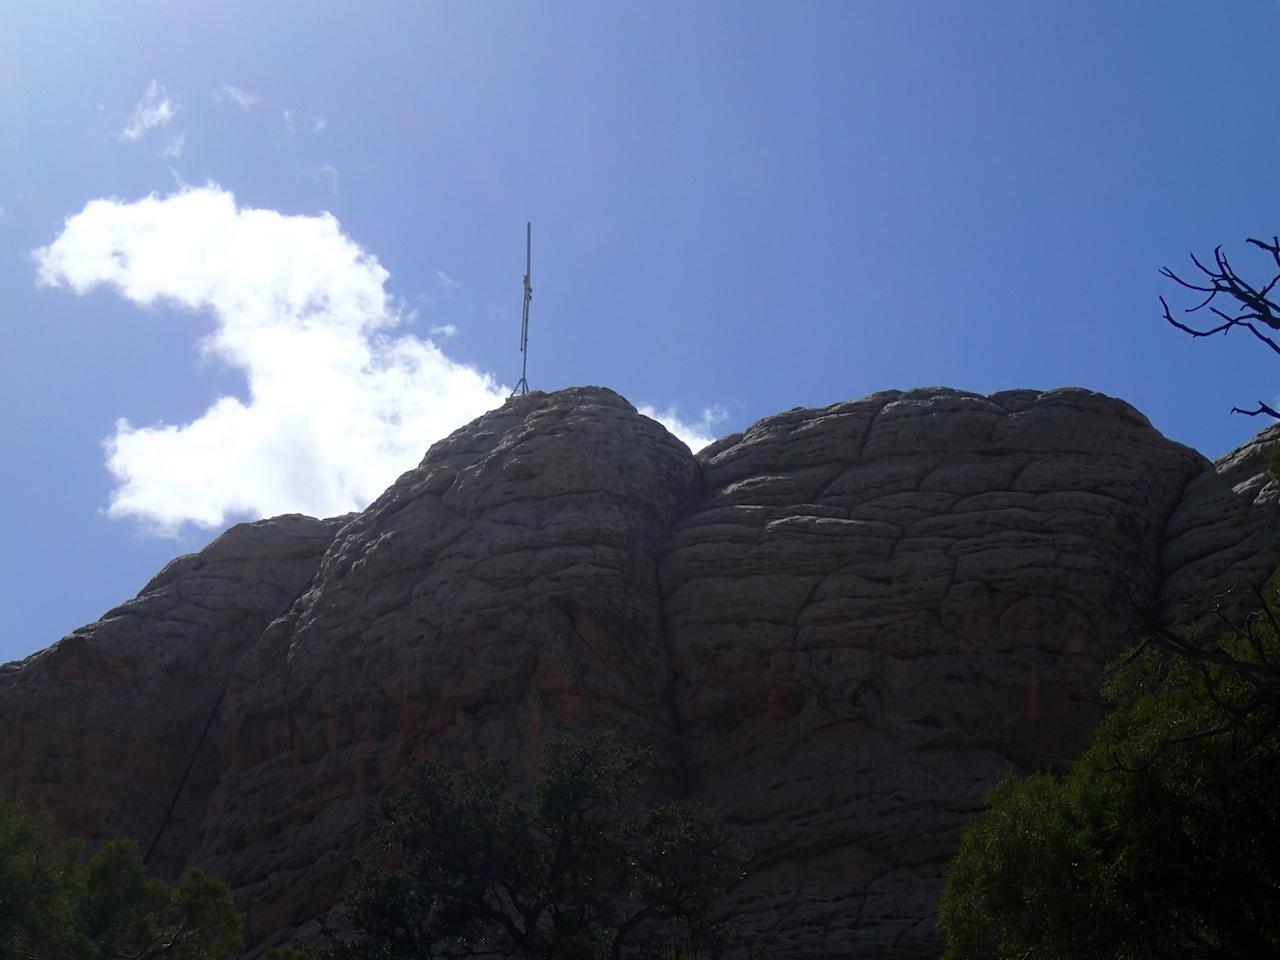 VermilionCliffs-NortheastOverlooks-06032016-P3062441.JPG